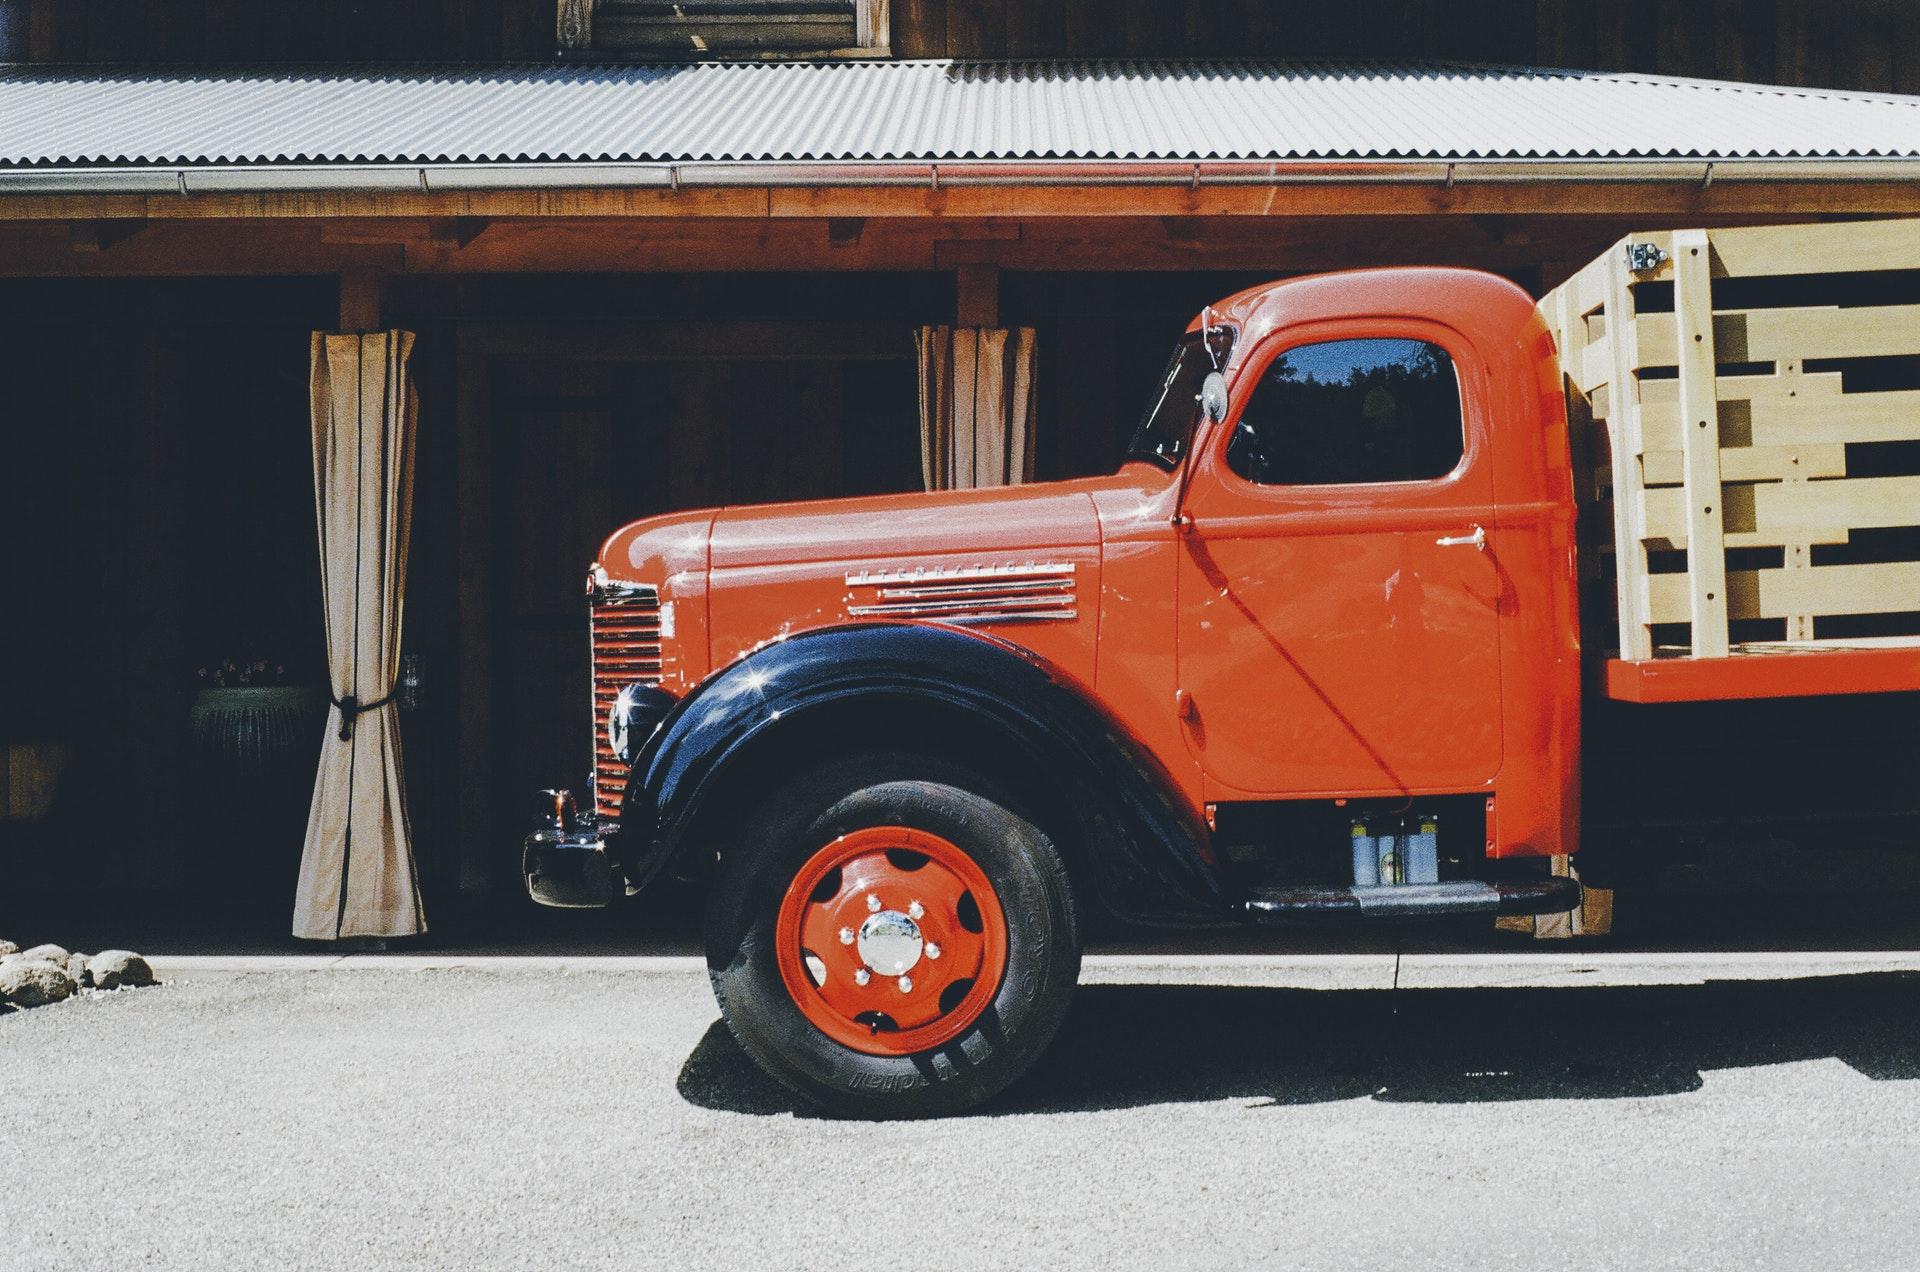 vehicle-vintage-old-truck.jpg